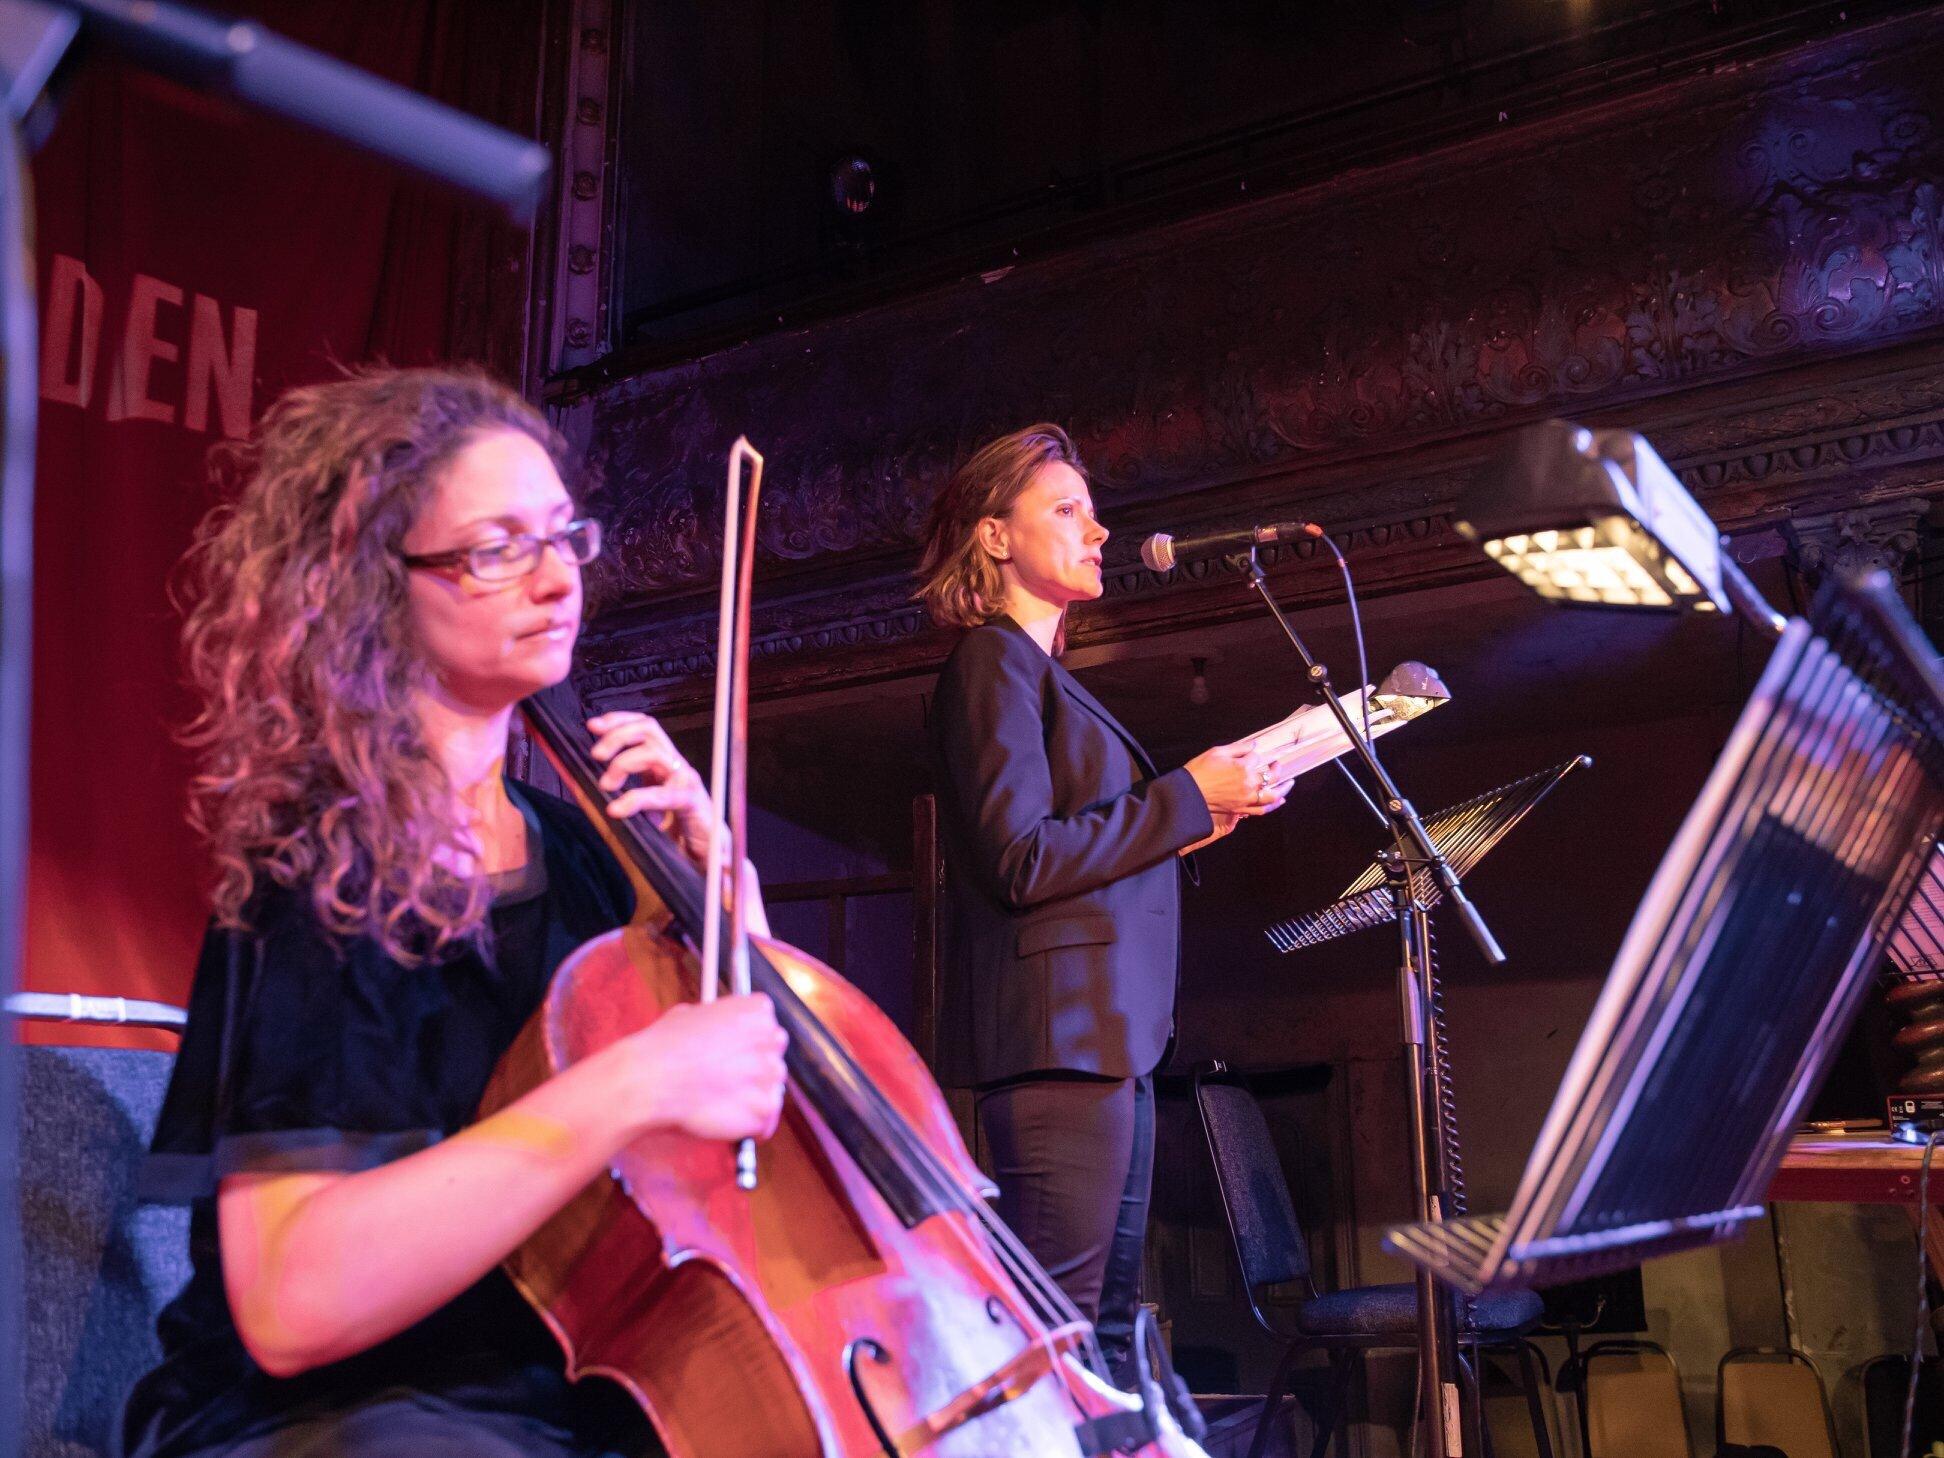 Cellist Sarah Davison and poet Gerður Kristný.